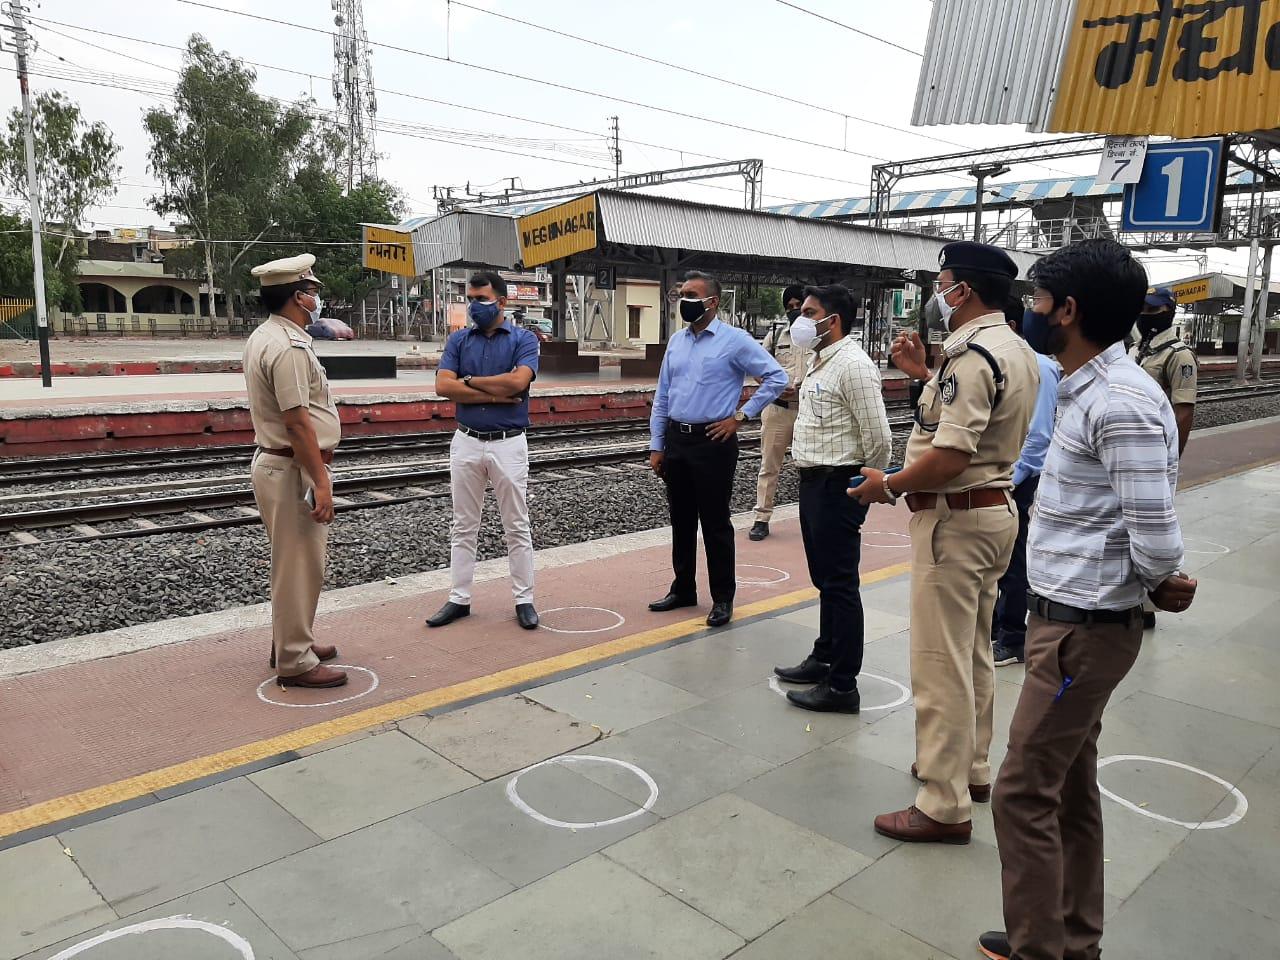 Jhabua News- कलेक्टर के निर्देश ट्रेन से आने वाले यात्रियों की  थर्मल स्क्रीनिंग करवाएं